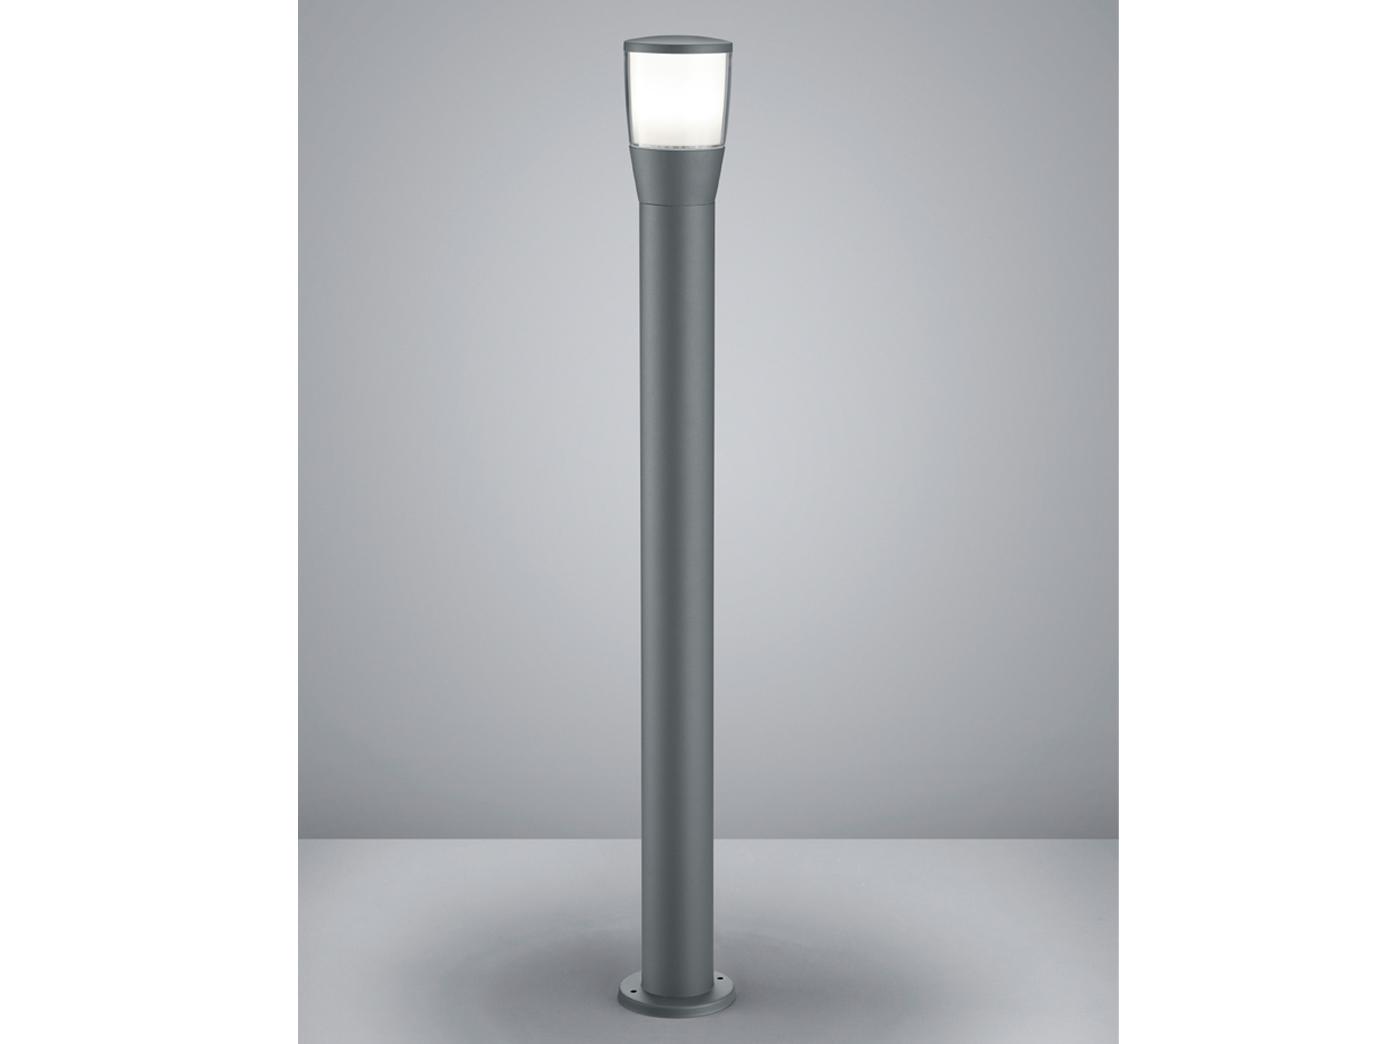 Trio LED DISSUASORE Lampada vie Lampada Shannon antracite, illuminazione esterna Modern